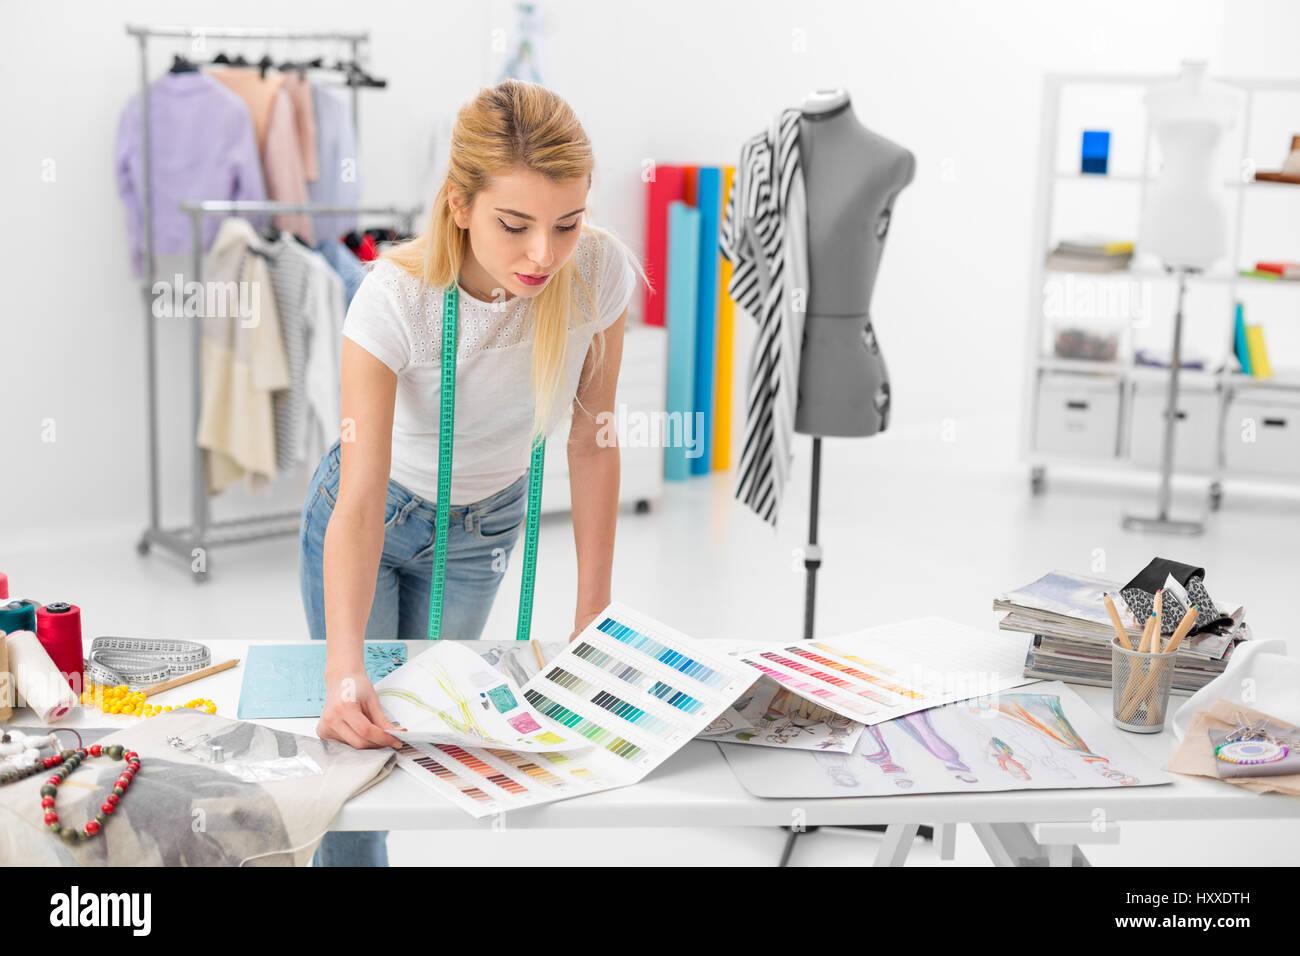 junge blonde Modedesignerin Frau Überprüfung Palette Farbmuster Stockbild